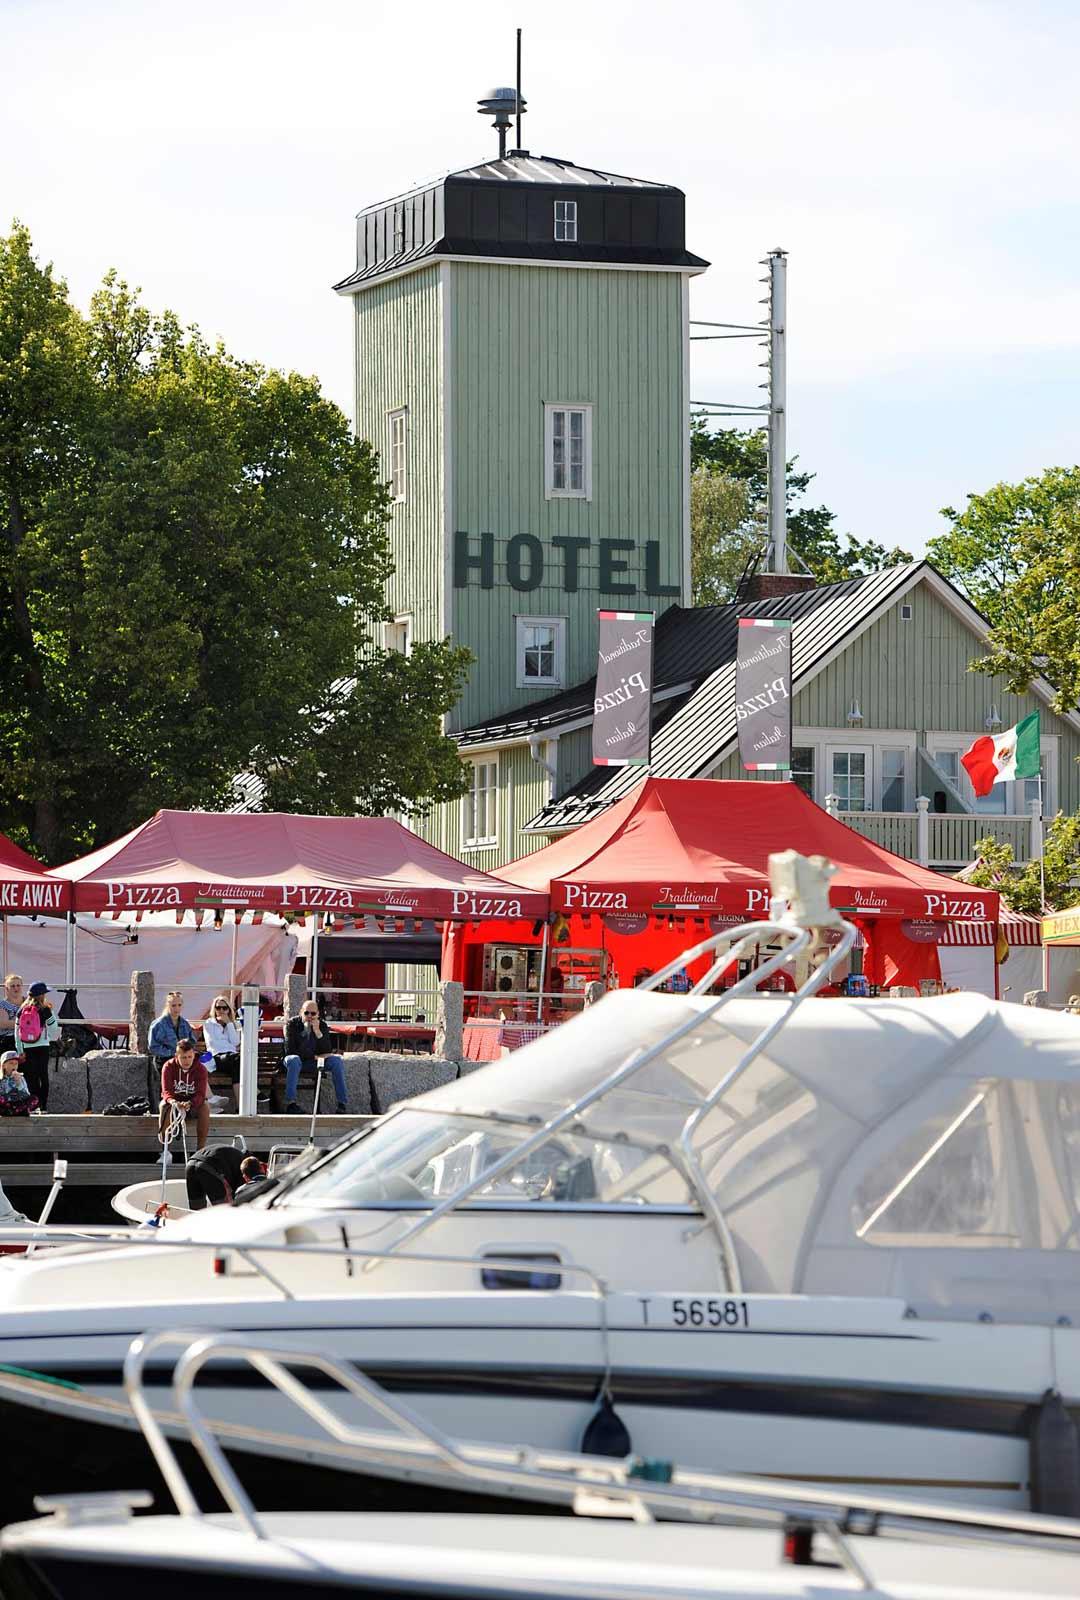 Kristiinankaupunki on mainio kesäkohde veneilijällekin. Viiden metrin väylä johtaa kaupungin satamaan saakka.